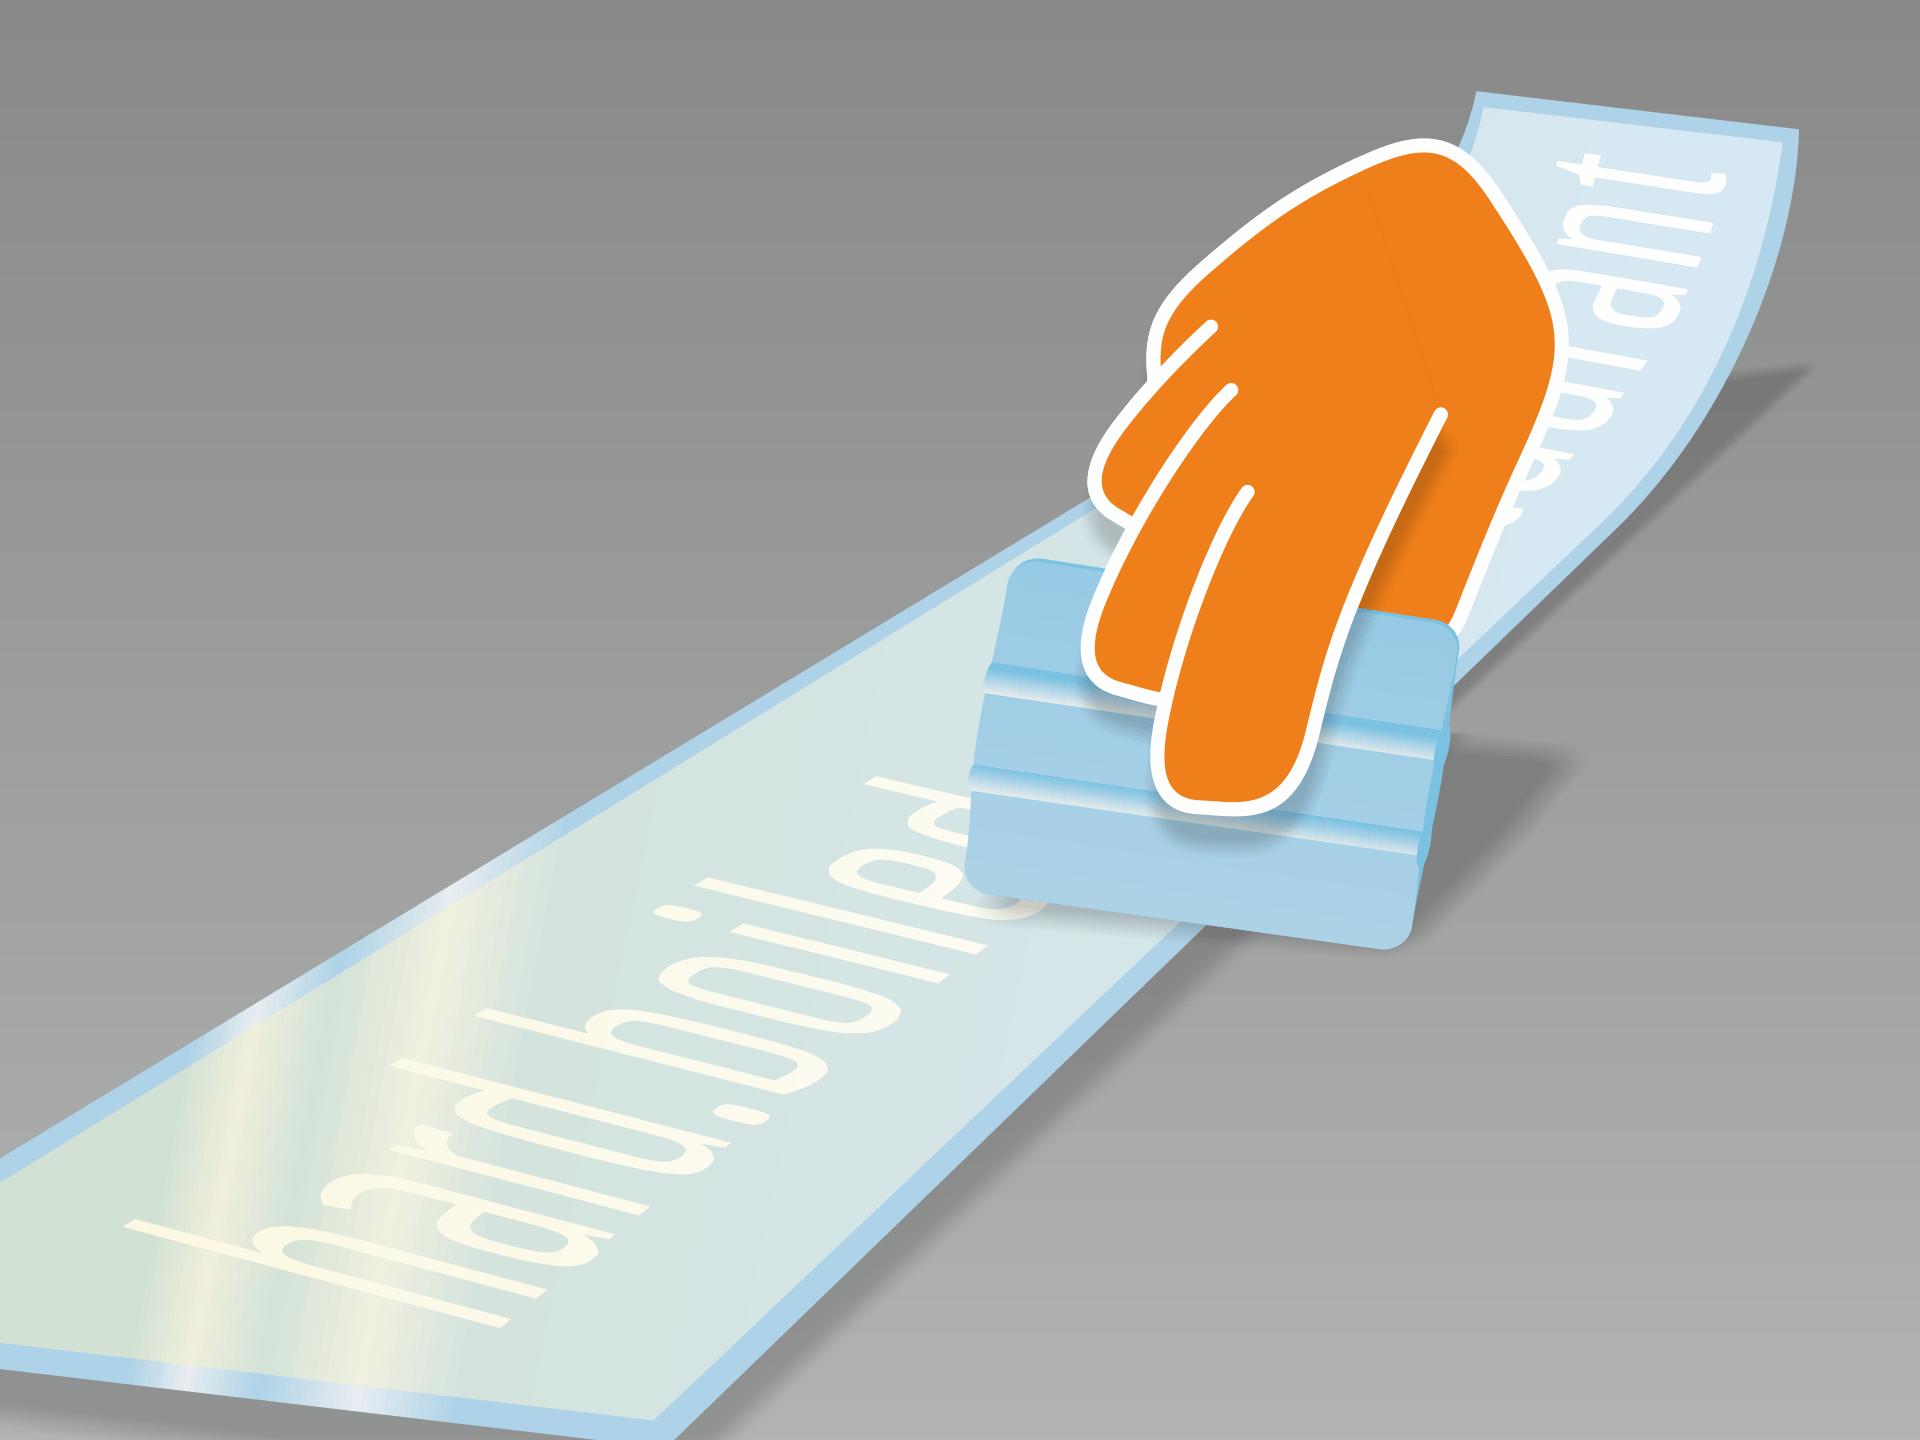 Aufkleber flach hinlegen und mit Rakel (oder Kreditkarte) fest über Vorder- und Rückseite streichen.